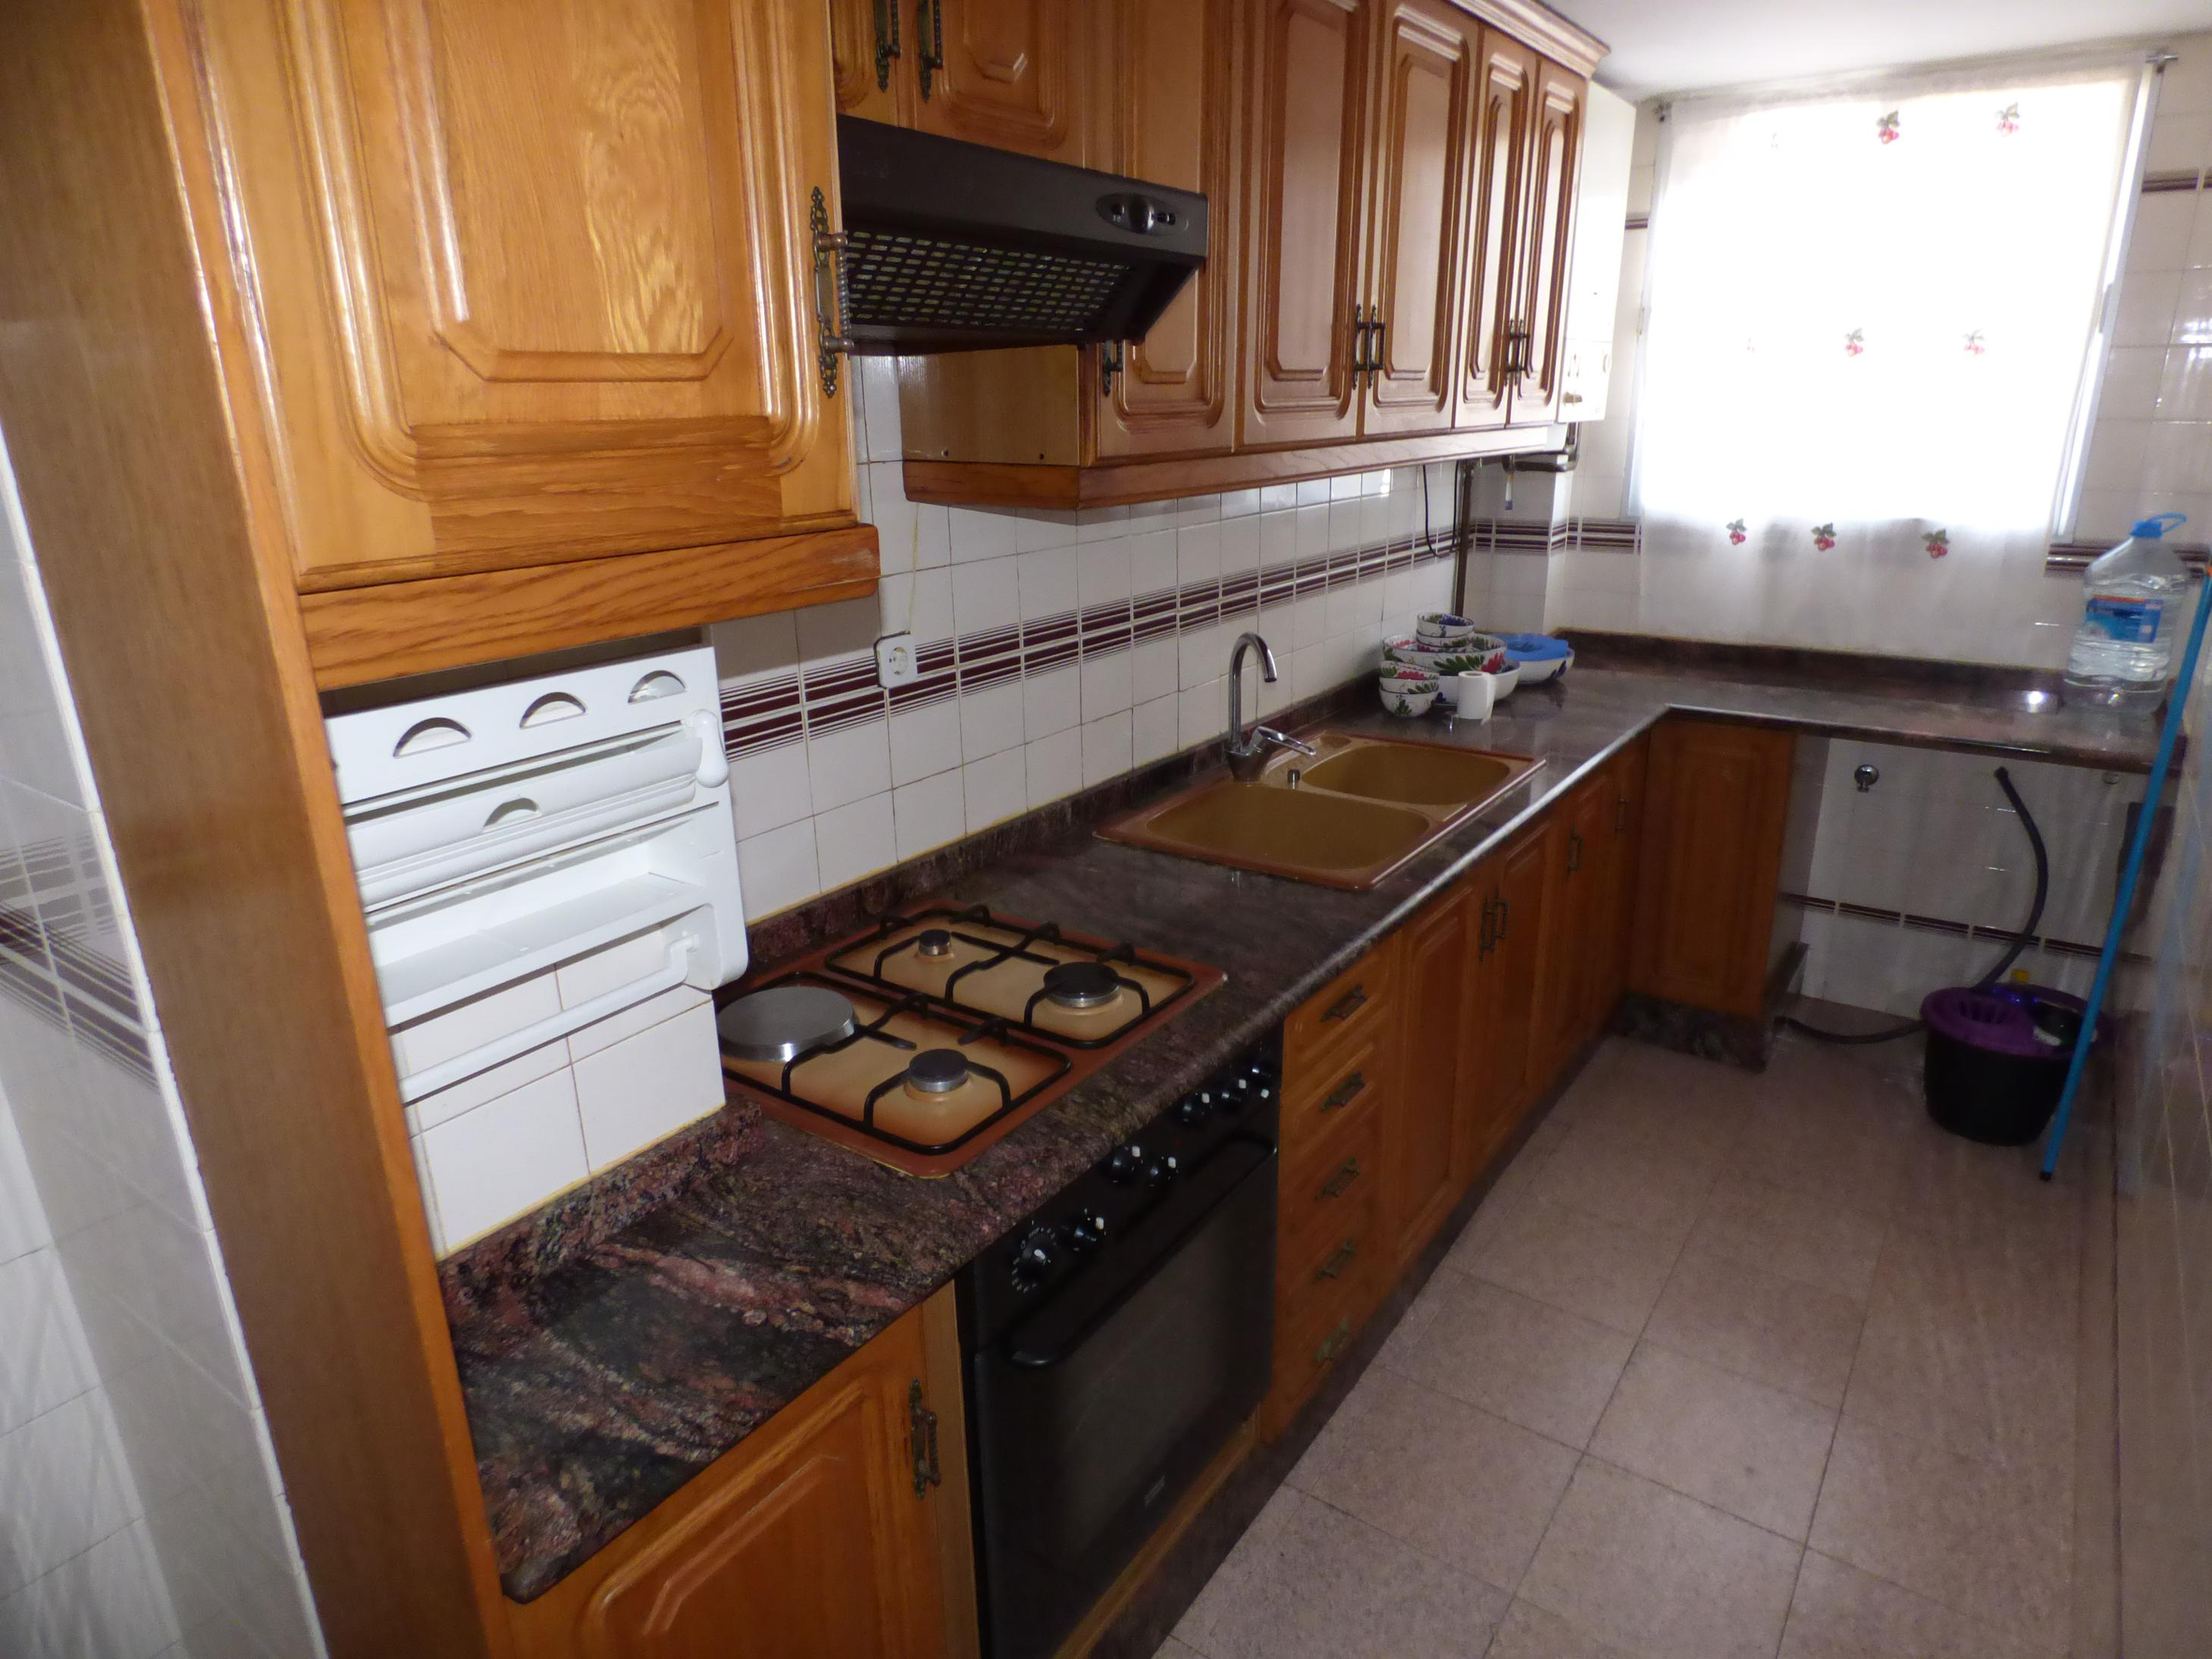 Venta de piso en villamachante piso en vilamarxant piso for Amueblar piso barato valencia